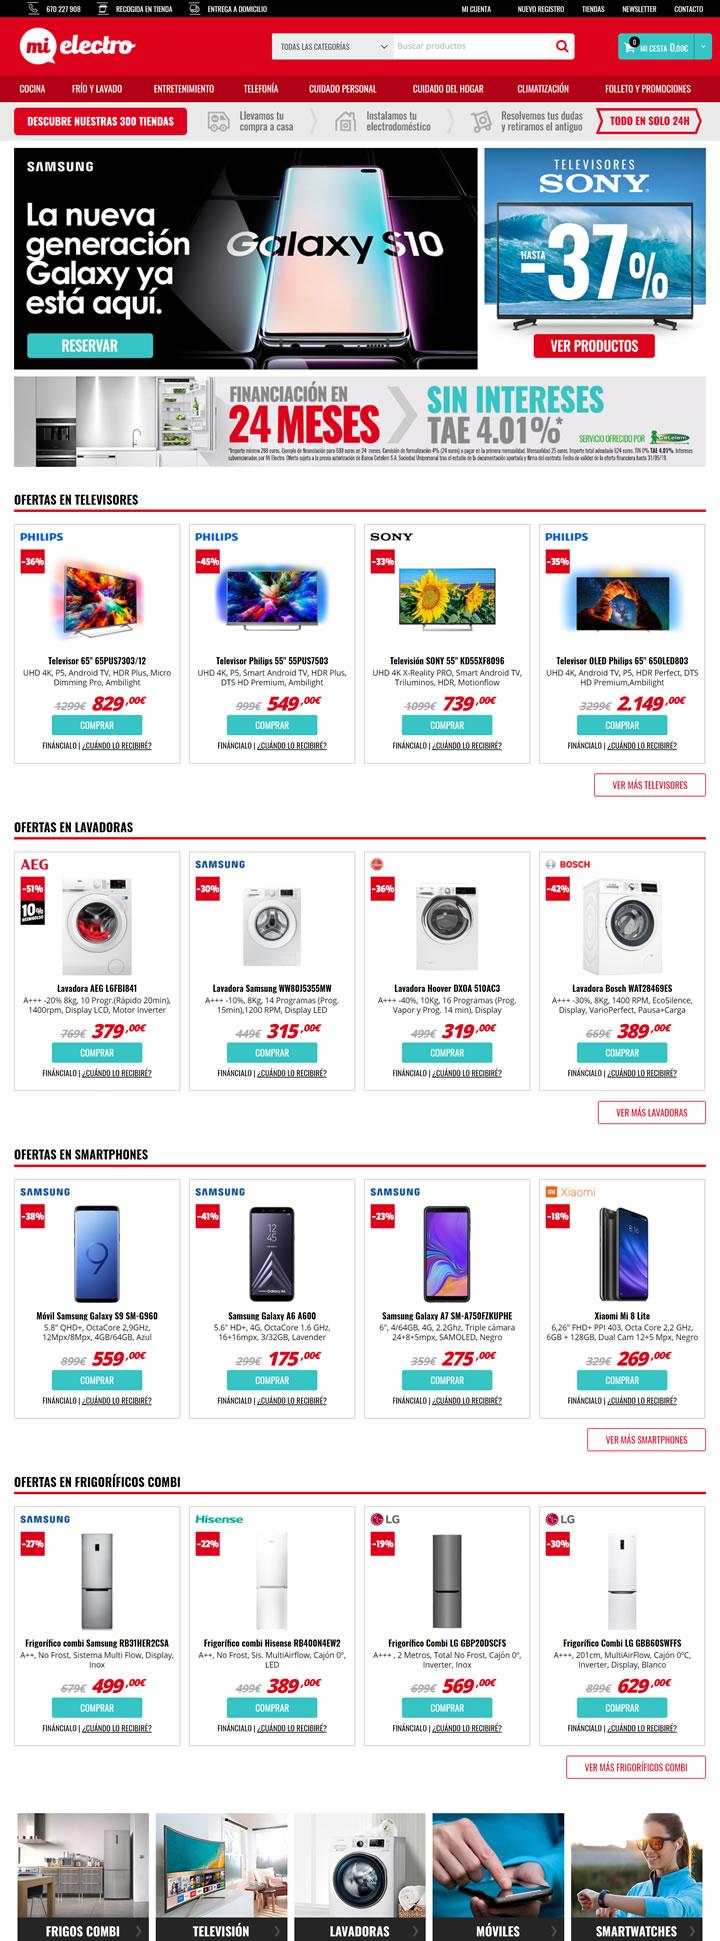 西班牙家用电器和电子产品购物网站:Mi Electro